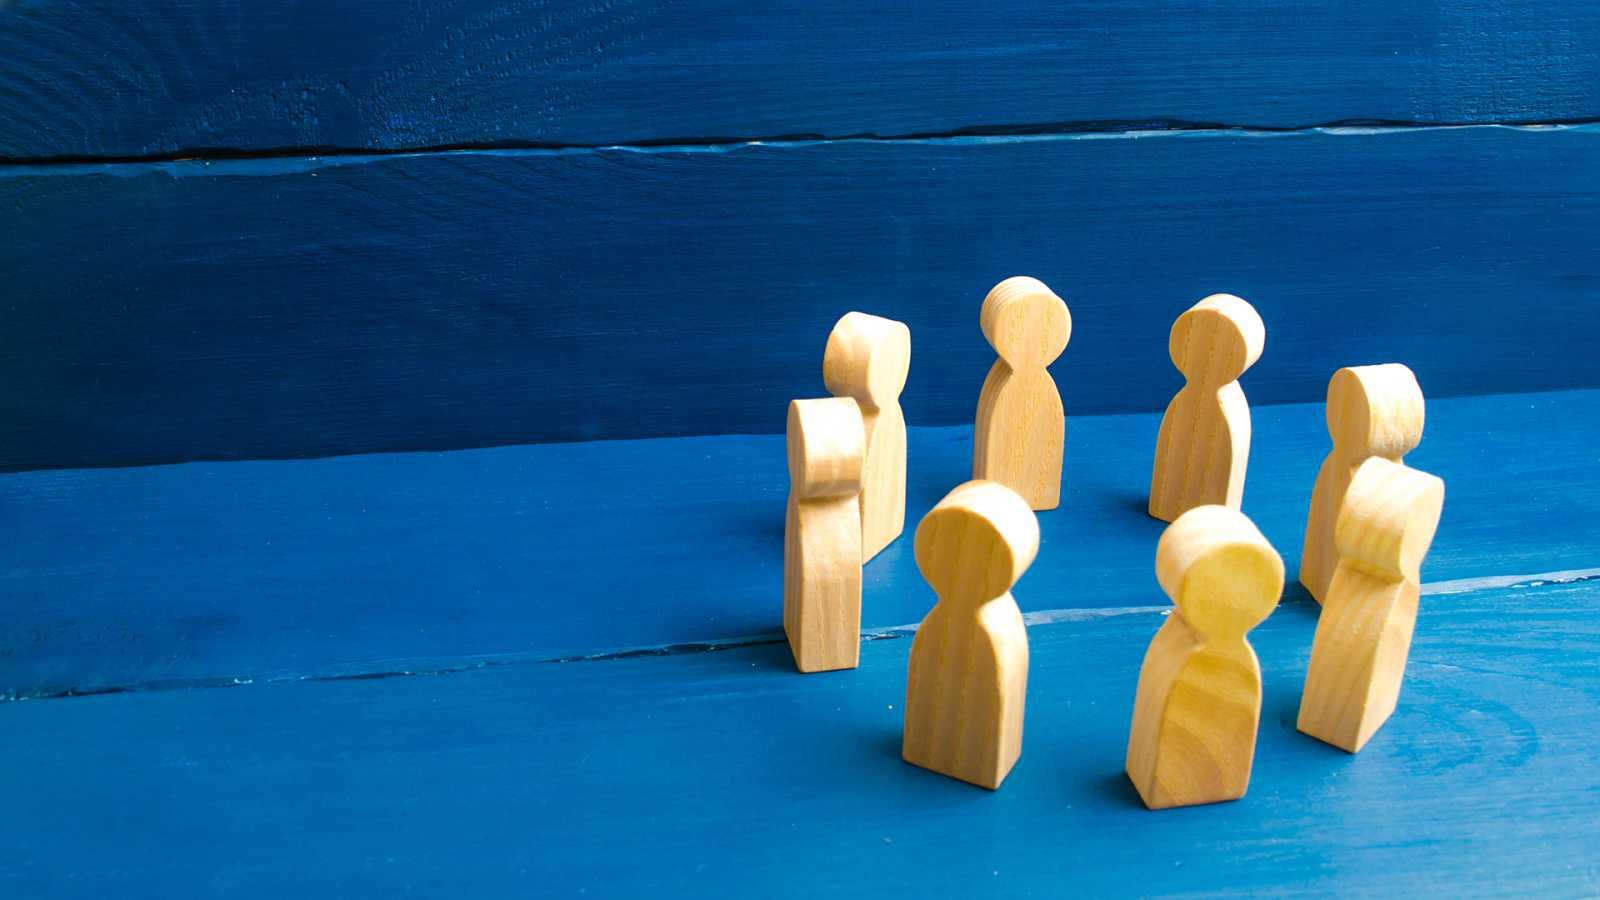 Espacio iberoamericano - Una educación con nuevas competencias - 26/11/20 - escuchar ahora